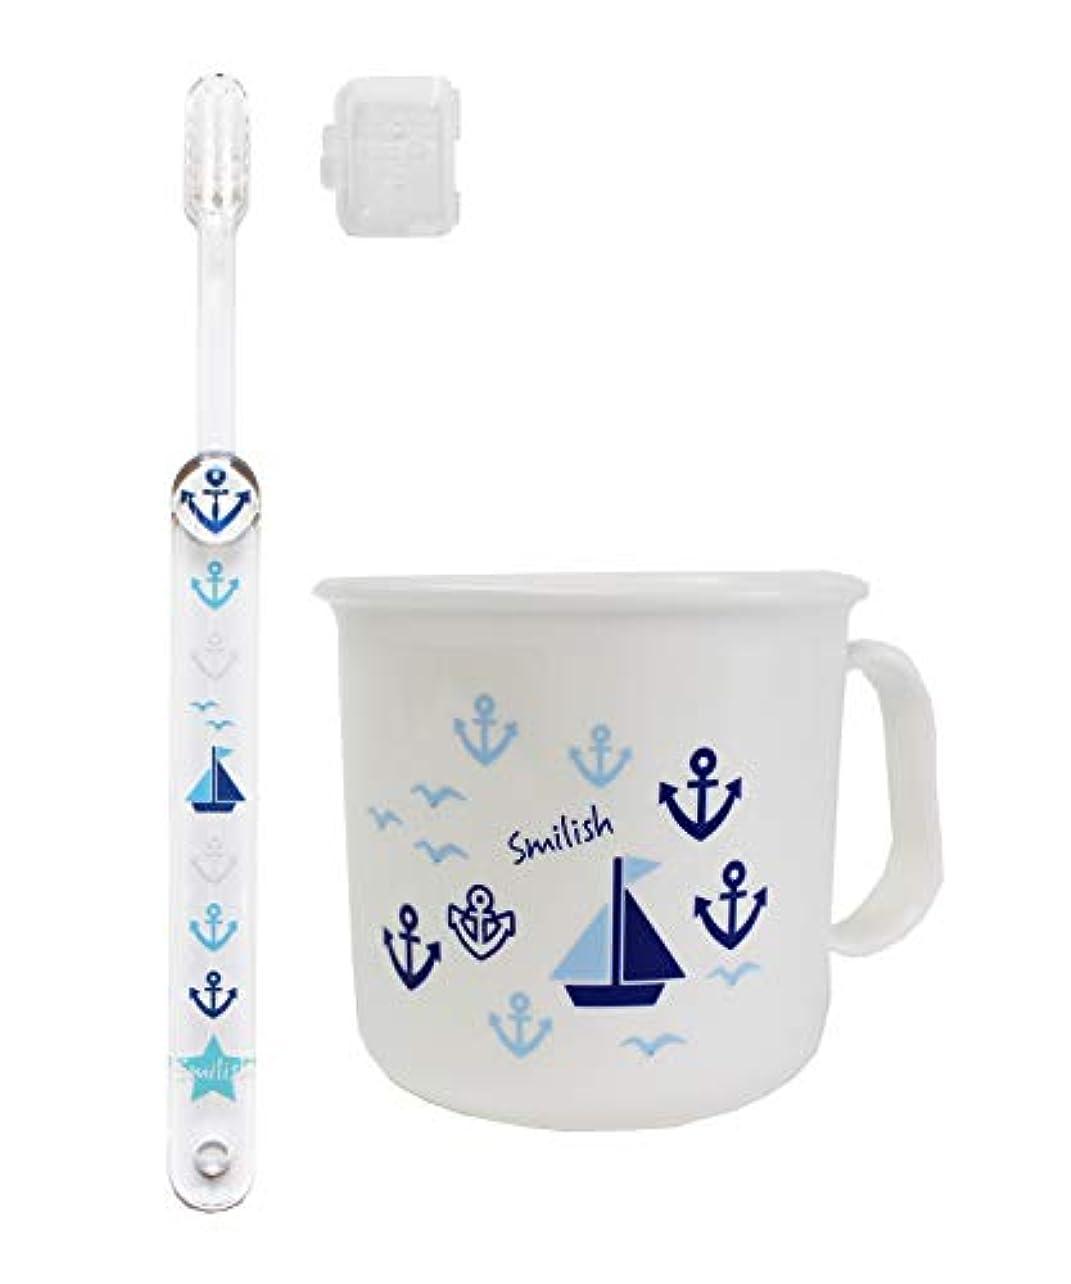 咲くイノセンスファイナンス子ども歯ブラシ(キャップ付き) 耐熱コップセット マリン